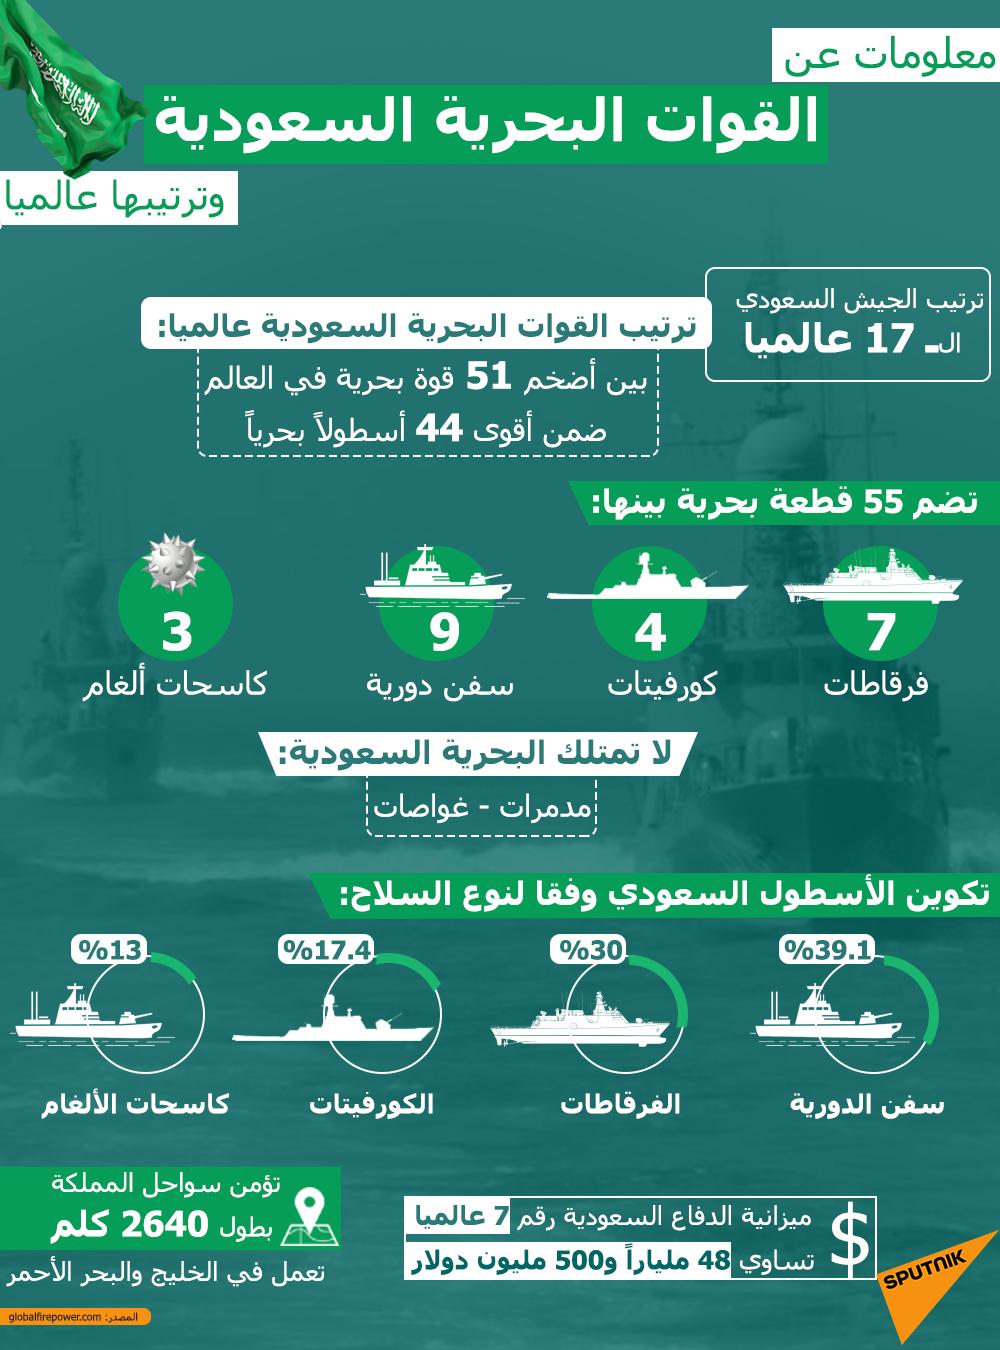 معلومات عن القوات البحرية السعودية وترتيبها عالميا